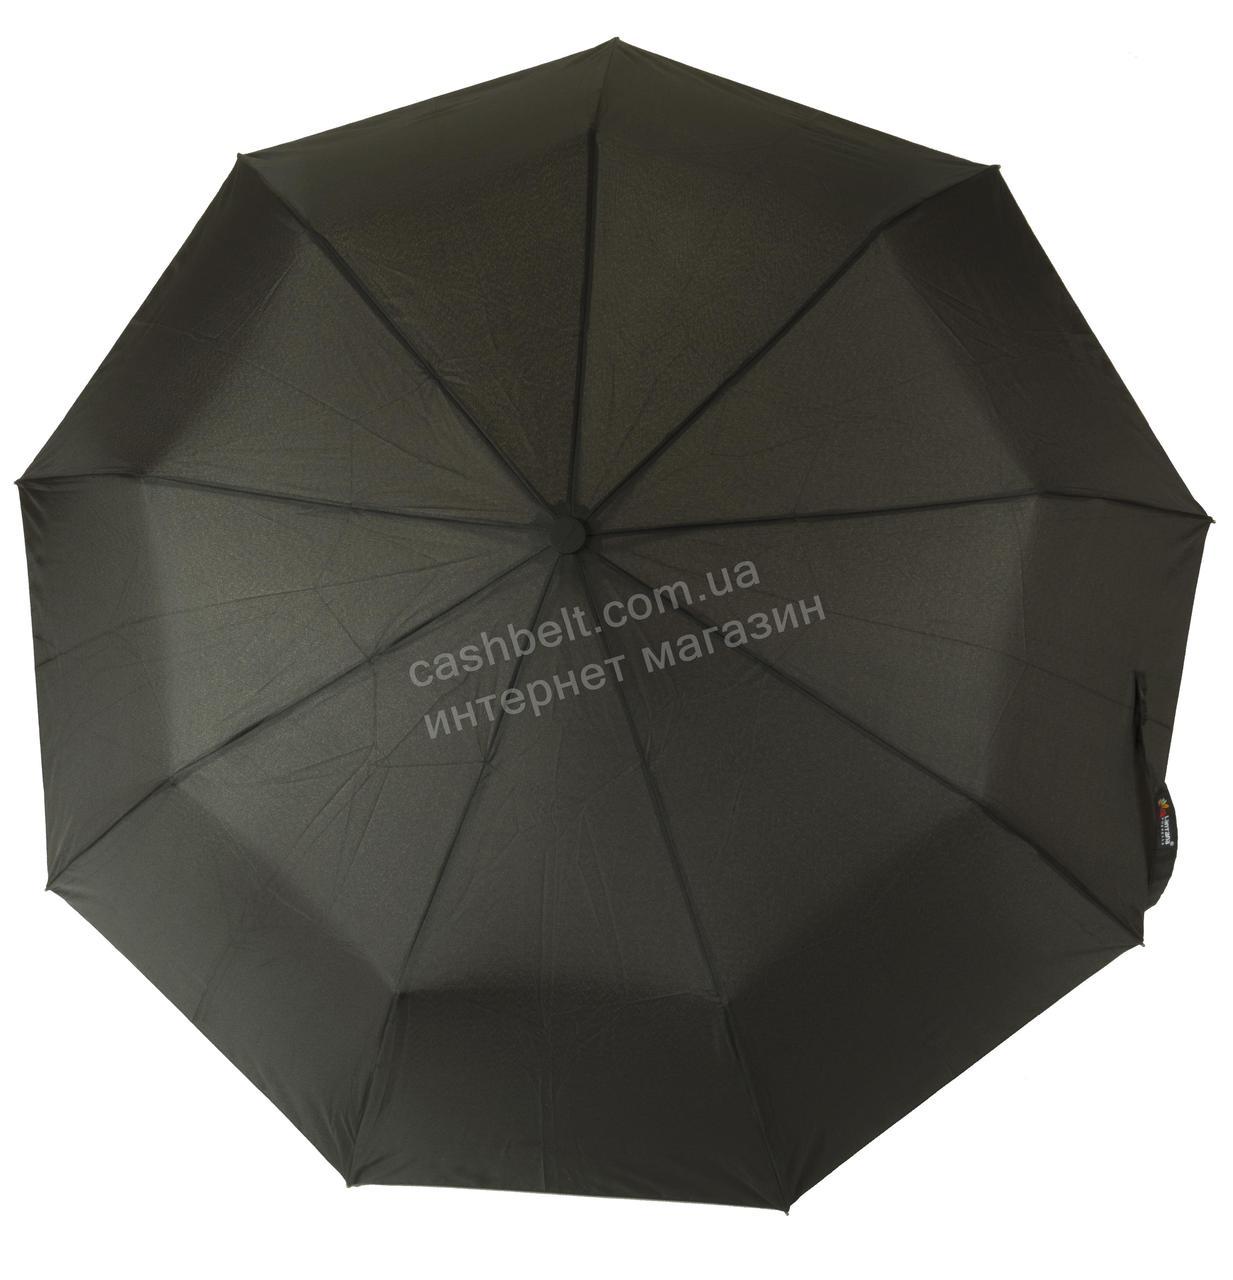 Мужской прочный зонт полуавтомат классический черный цвет LANTANA art. 670 черный (100171)